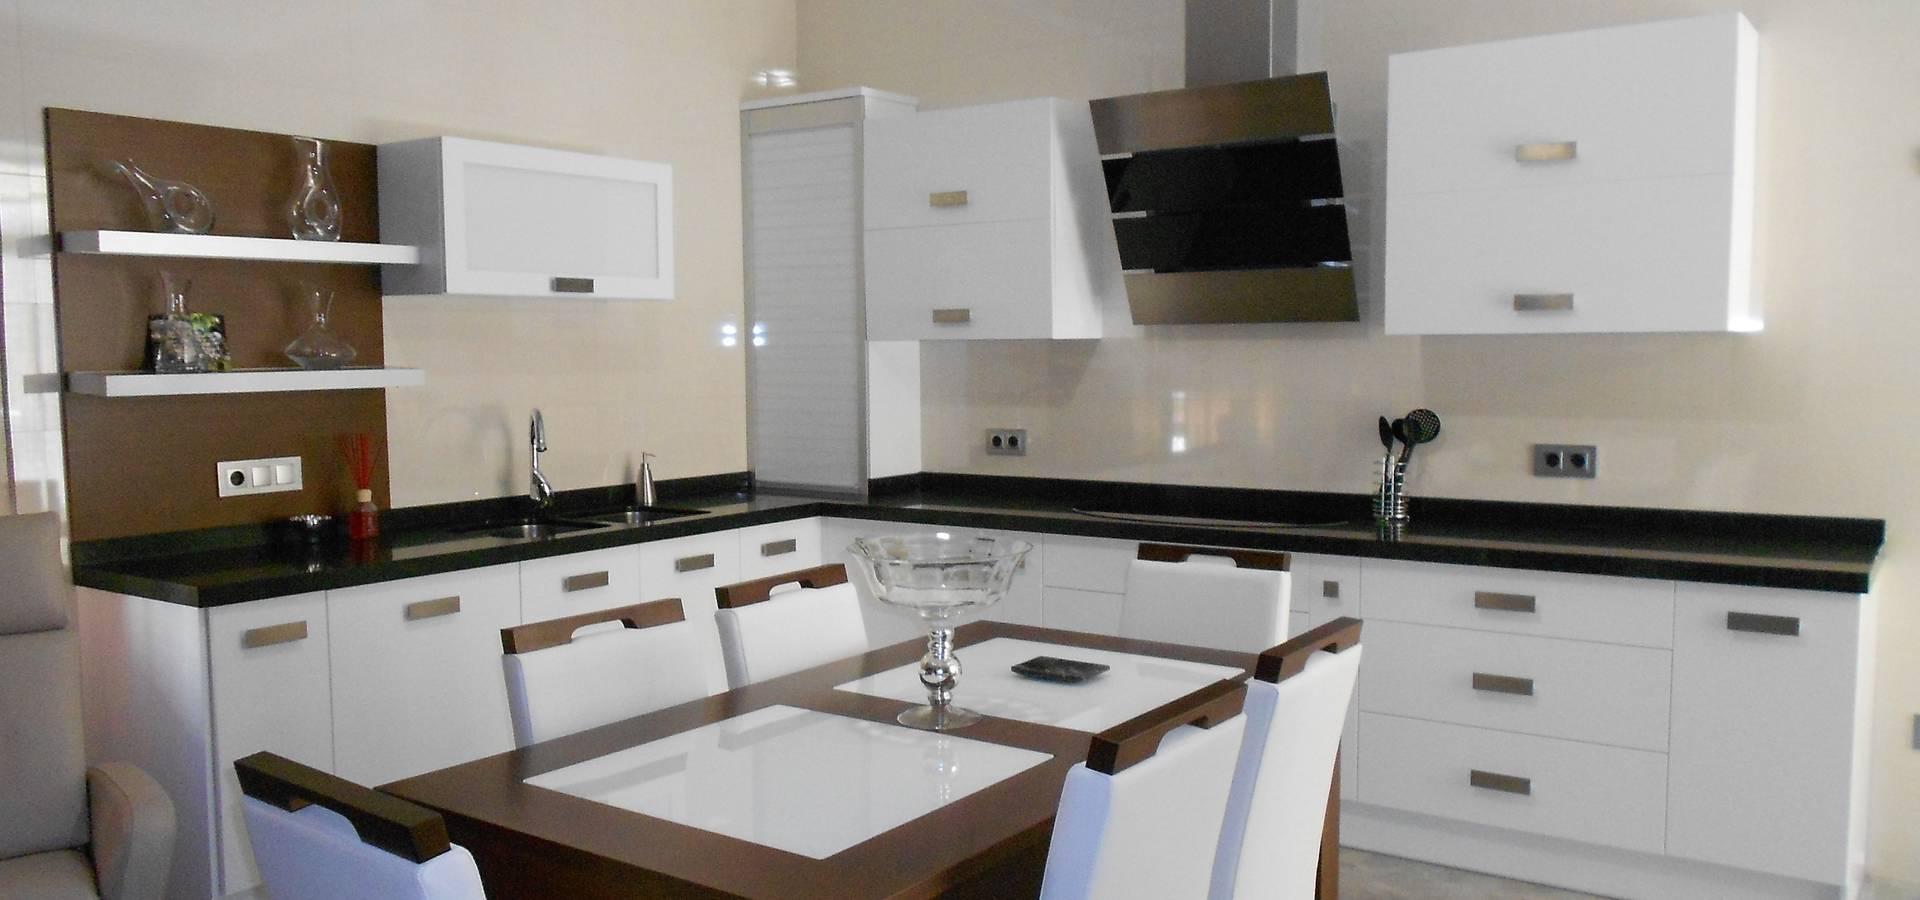 Color blanco siempre presente en cocinas ba os y for Cocinas en color blanco